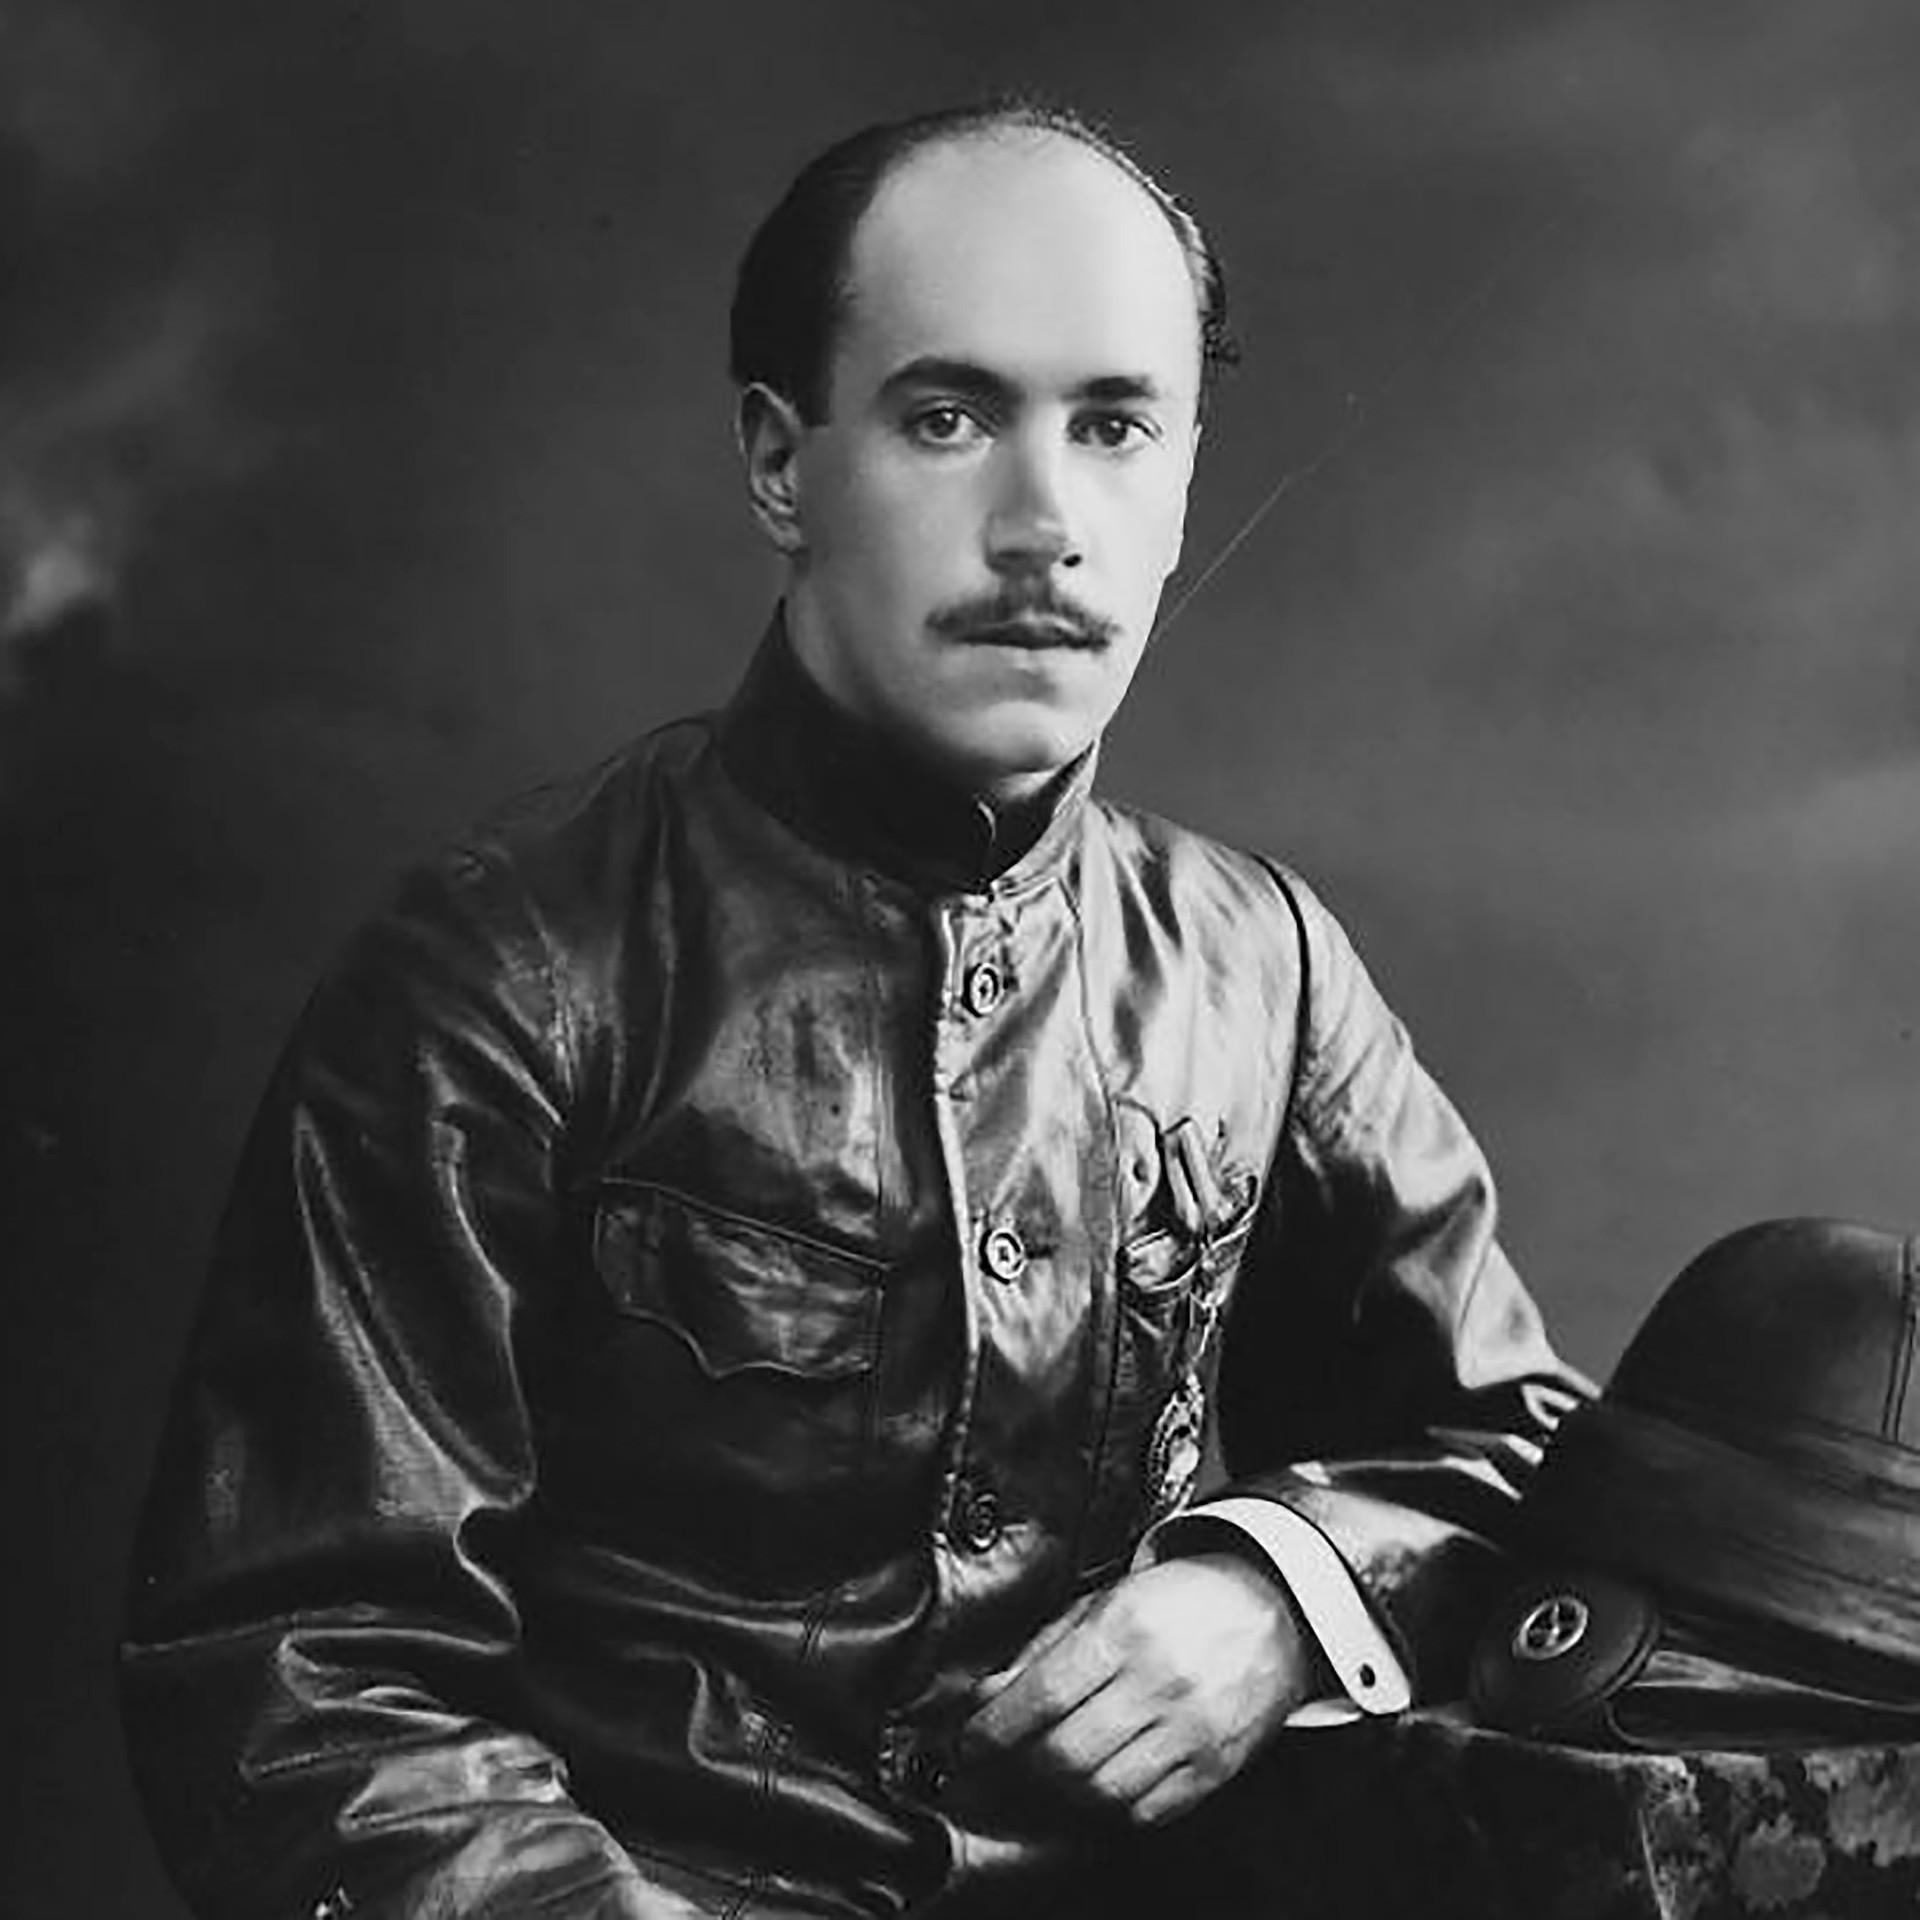 Independentemente do país onde vivesse, Ígor Sikorski era bom no que fazia, ou seja, projetar aeronaves. Mas ele manteve a Rússia no coração.